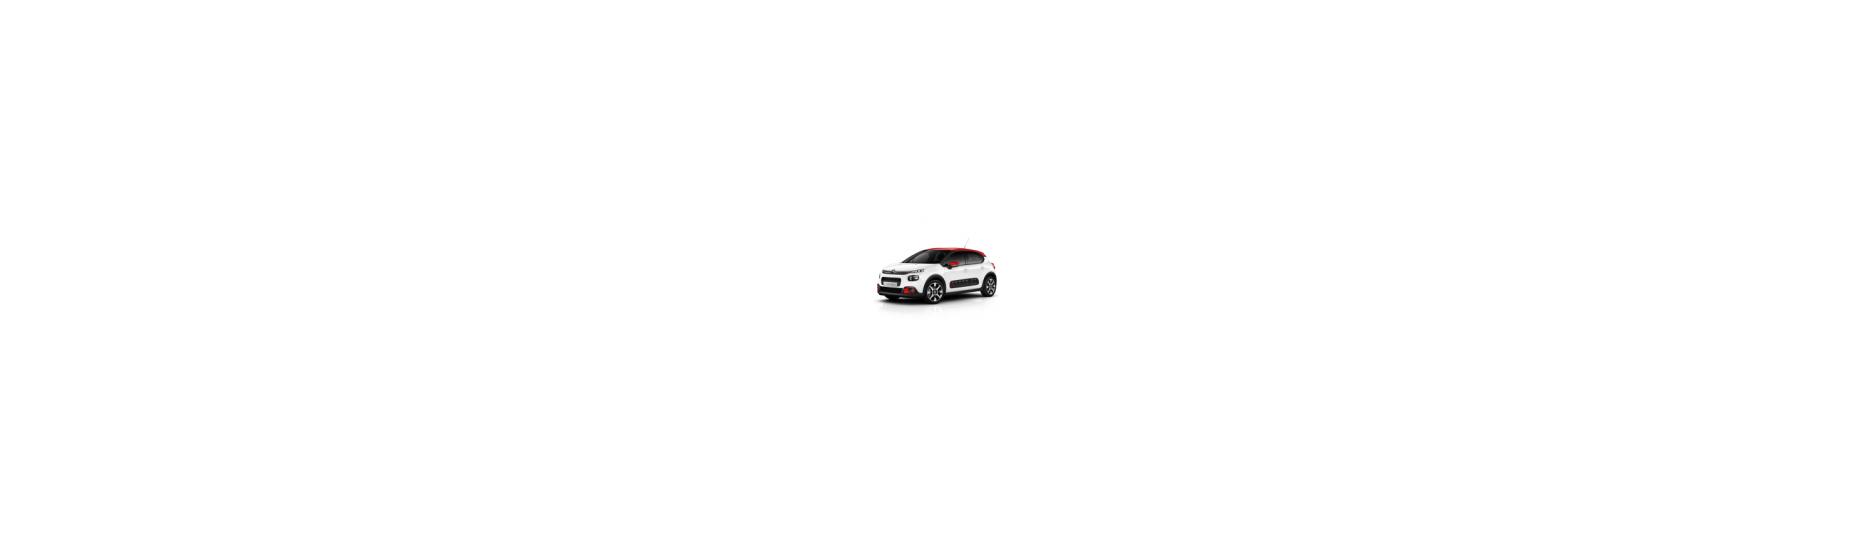 Príslušenstvo Citroën C3